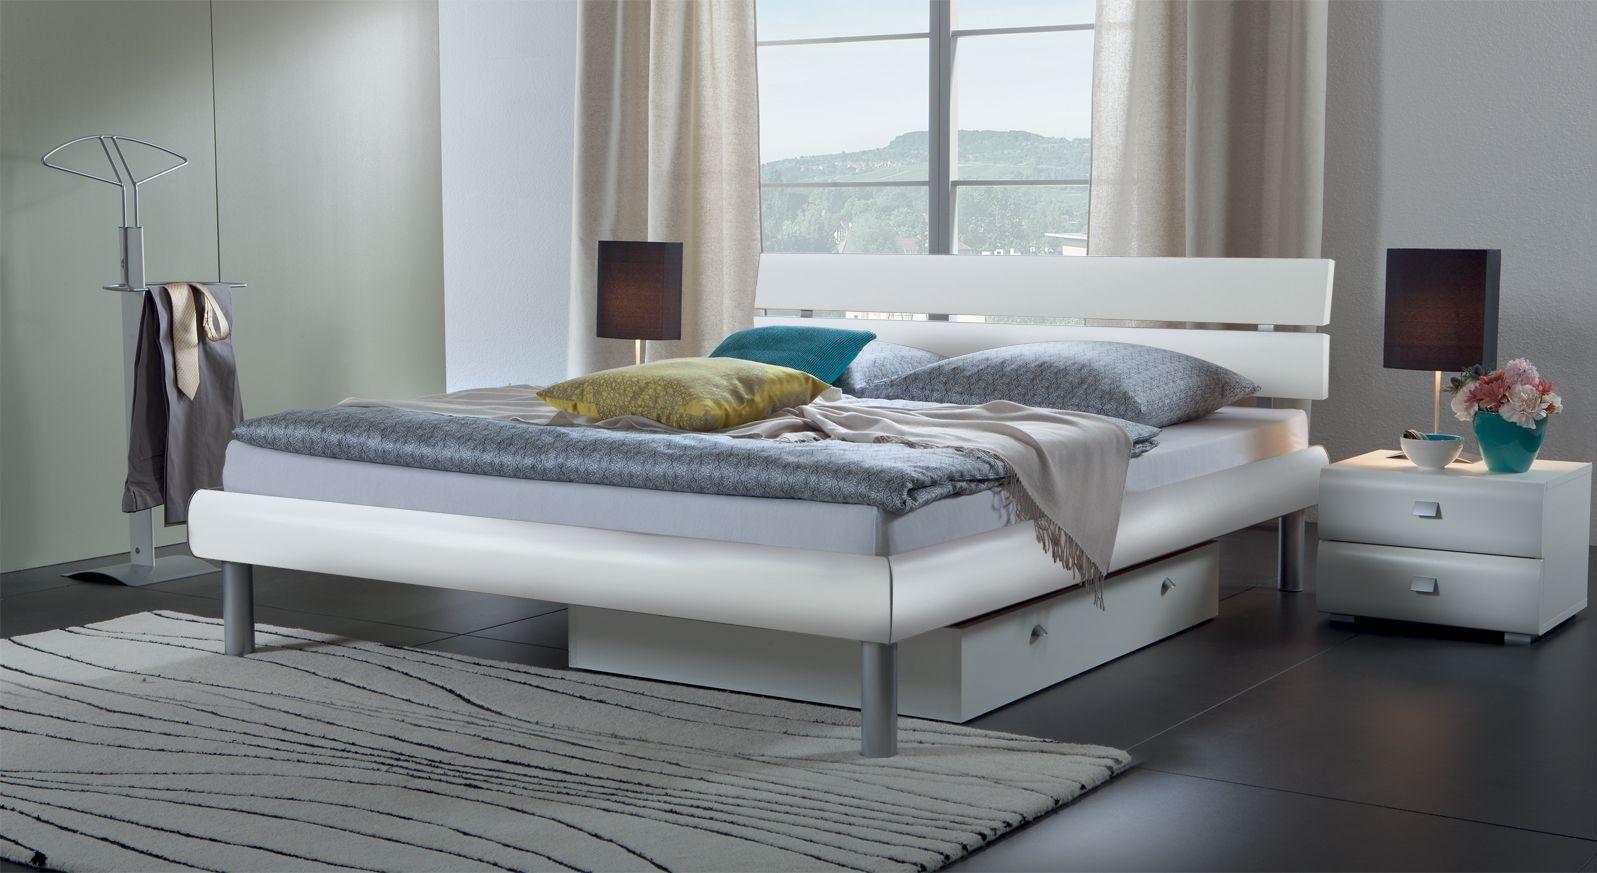 Bett Diego hochwertig in Weiß matt